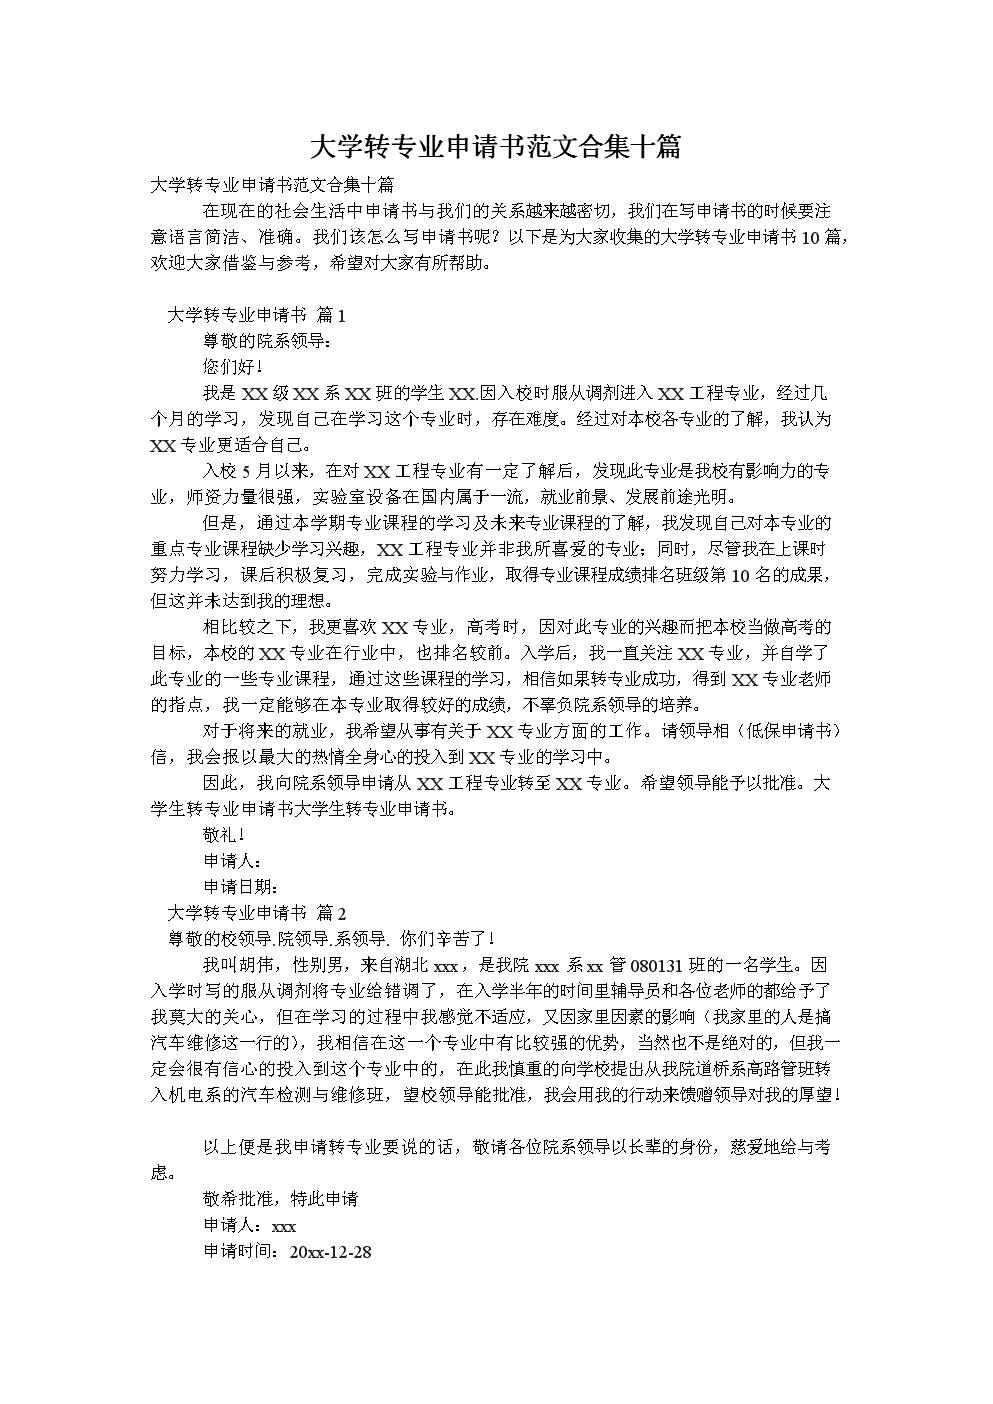 大学转专业申请书范文合集十篇.doc